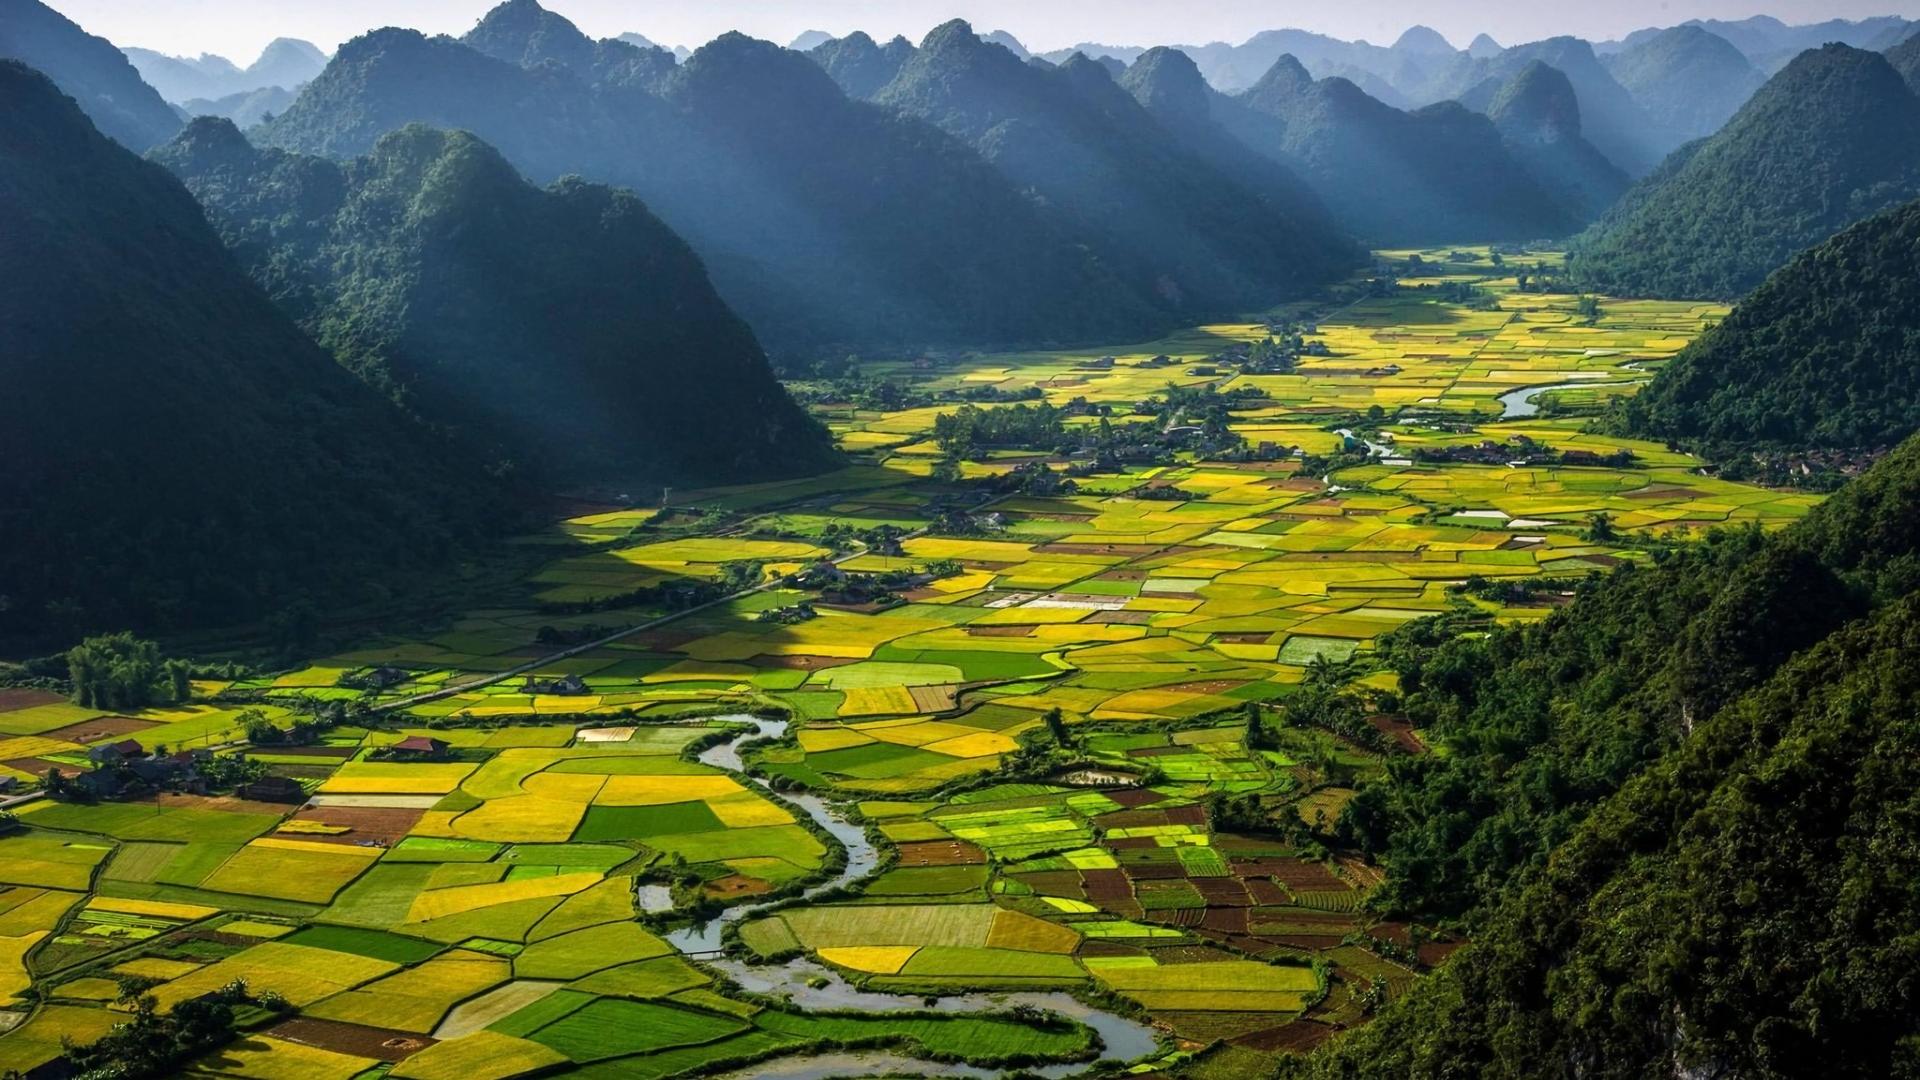 Vietnam Landscape Hd Wallpaper Hintergrund 1920x1080 Id708304